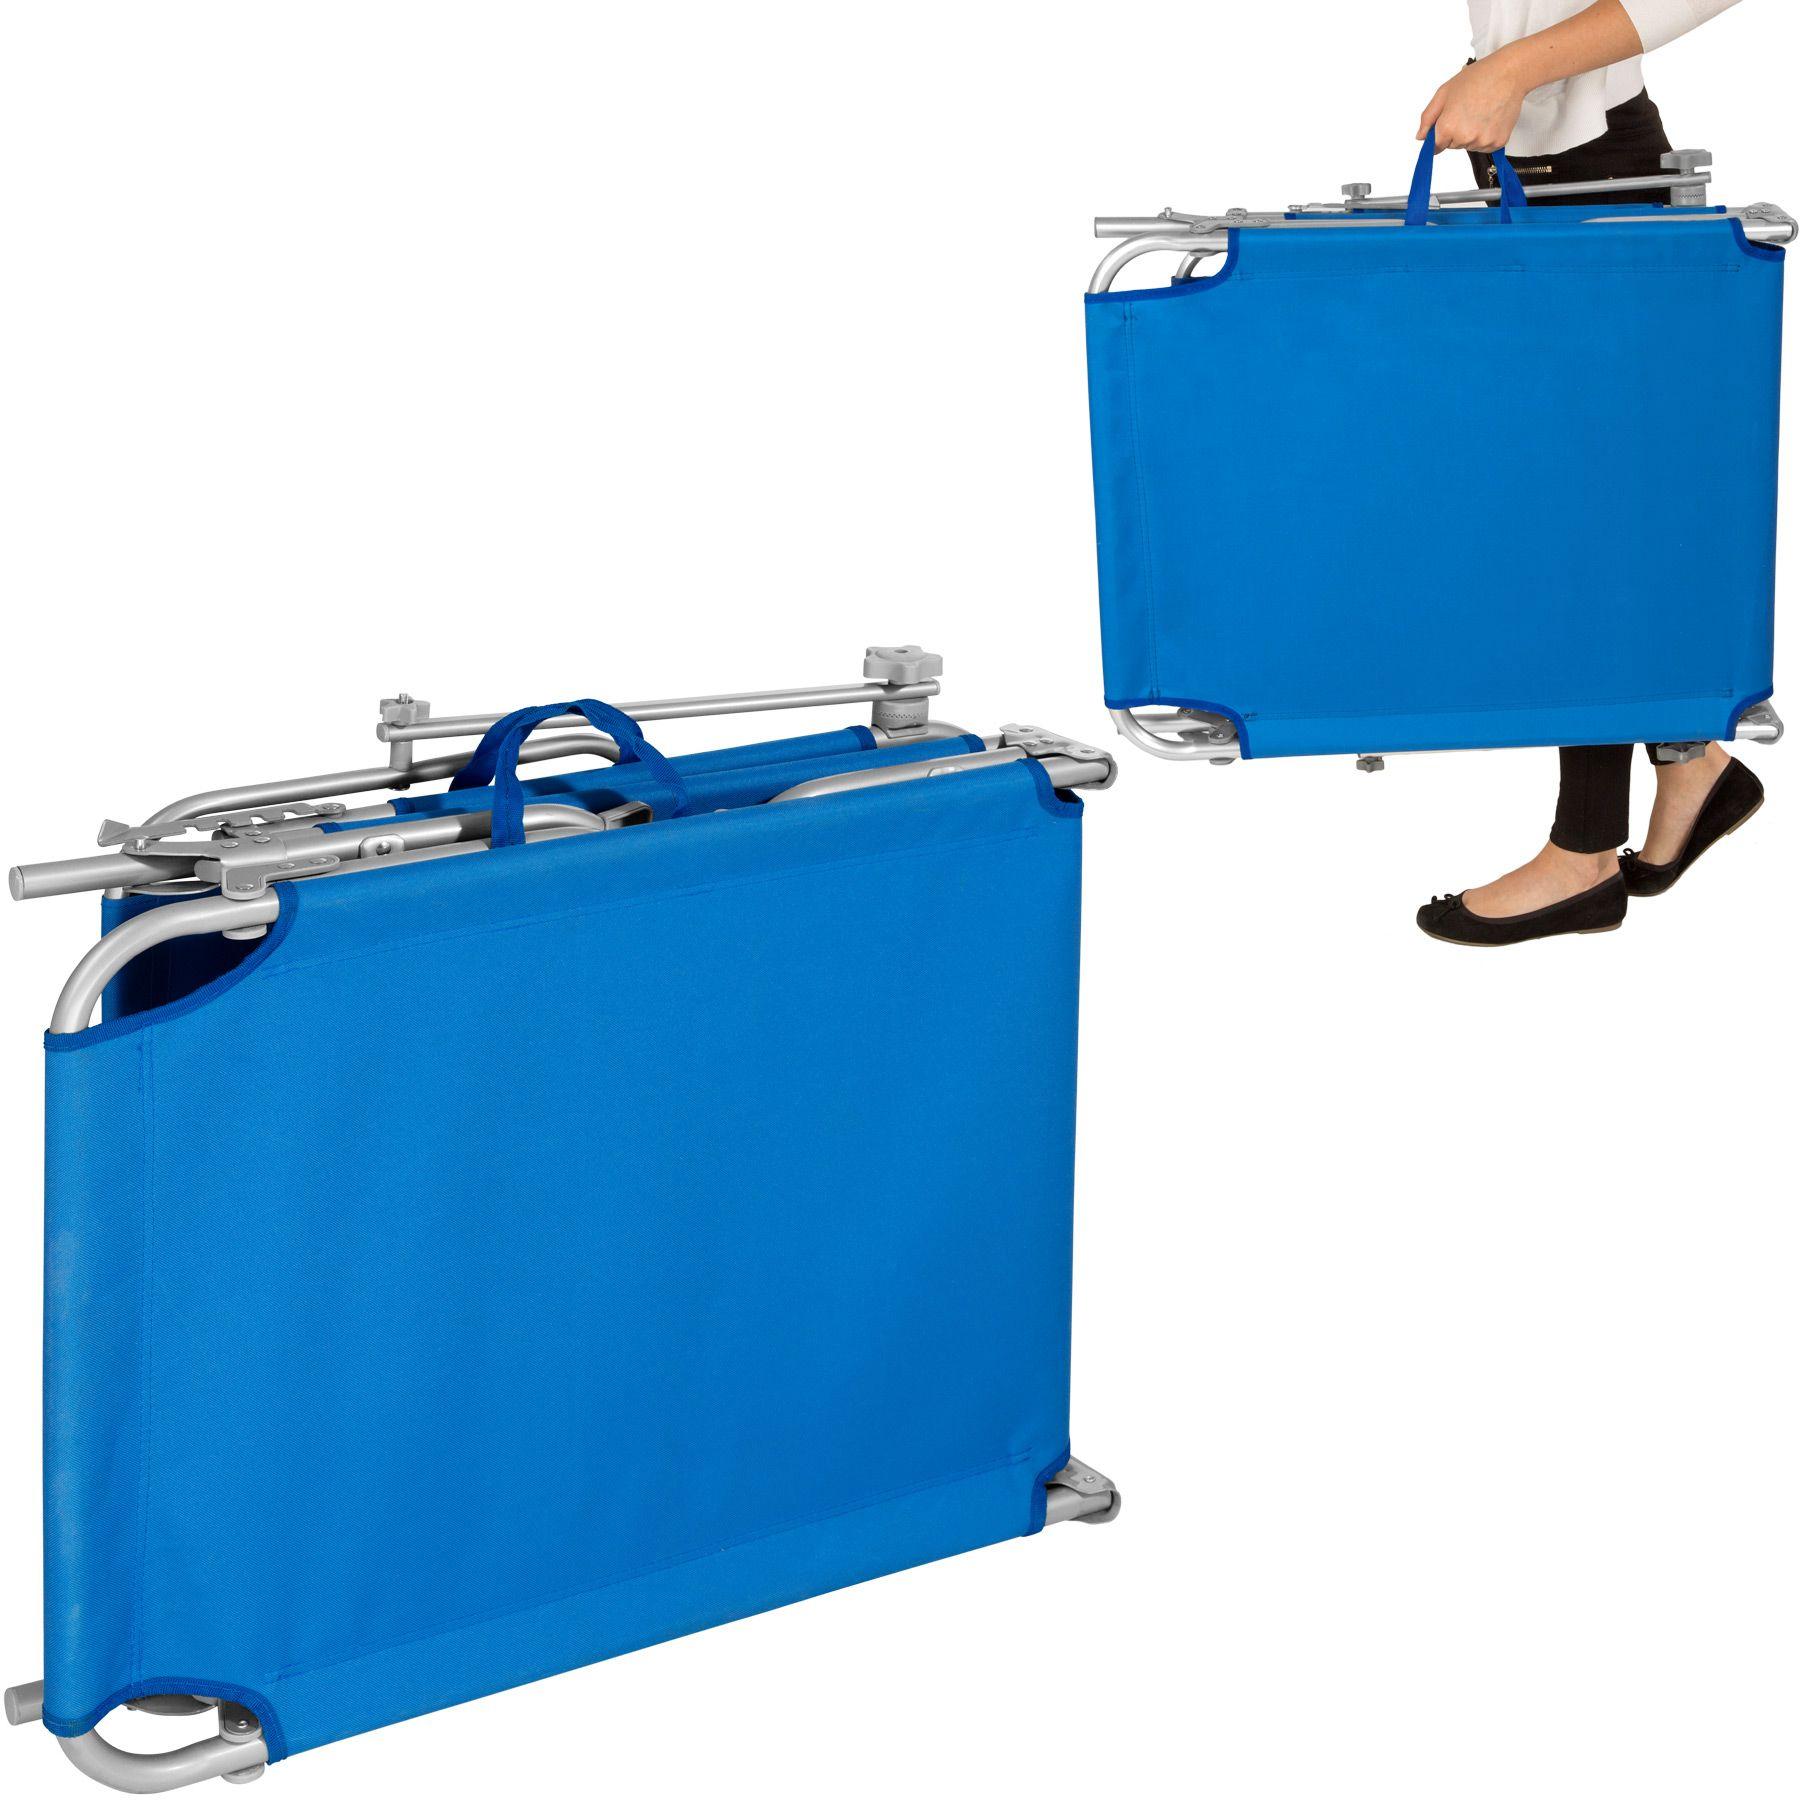 gartenliege sonnenliege strandliege freizeitliege mit sonnendach 190cm blau ebay. Black Bedroom Furniture Sets. Home Design Ideas